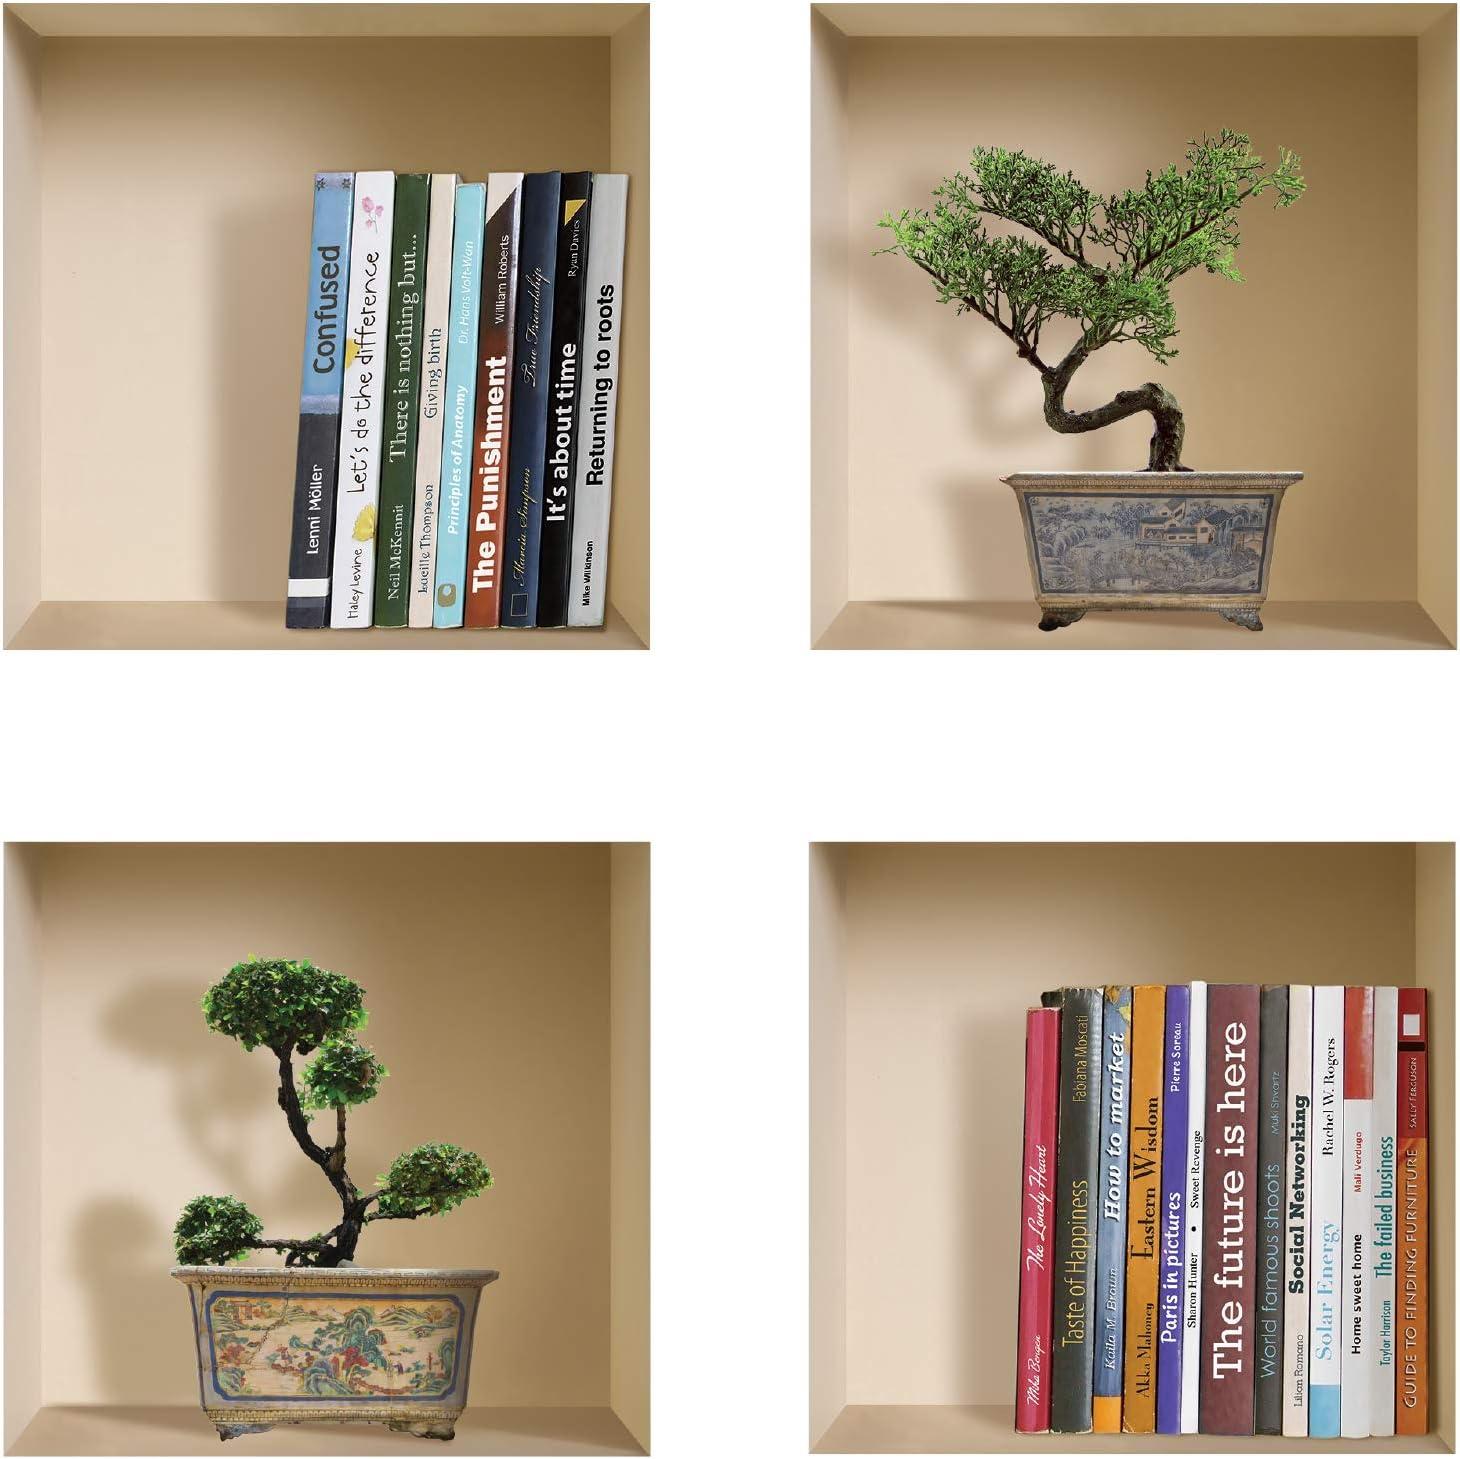 Vinilos 3D The Nisha  juego de 4 libros y bonsai (S45N)